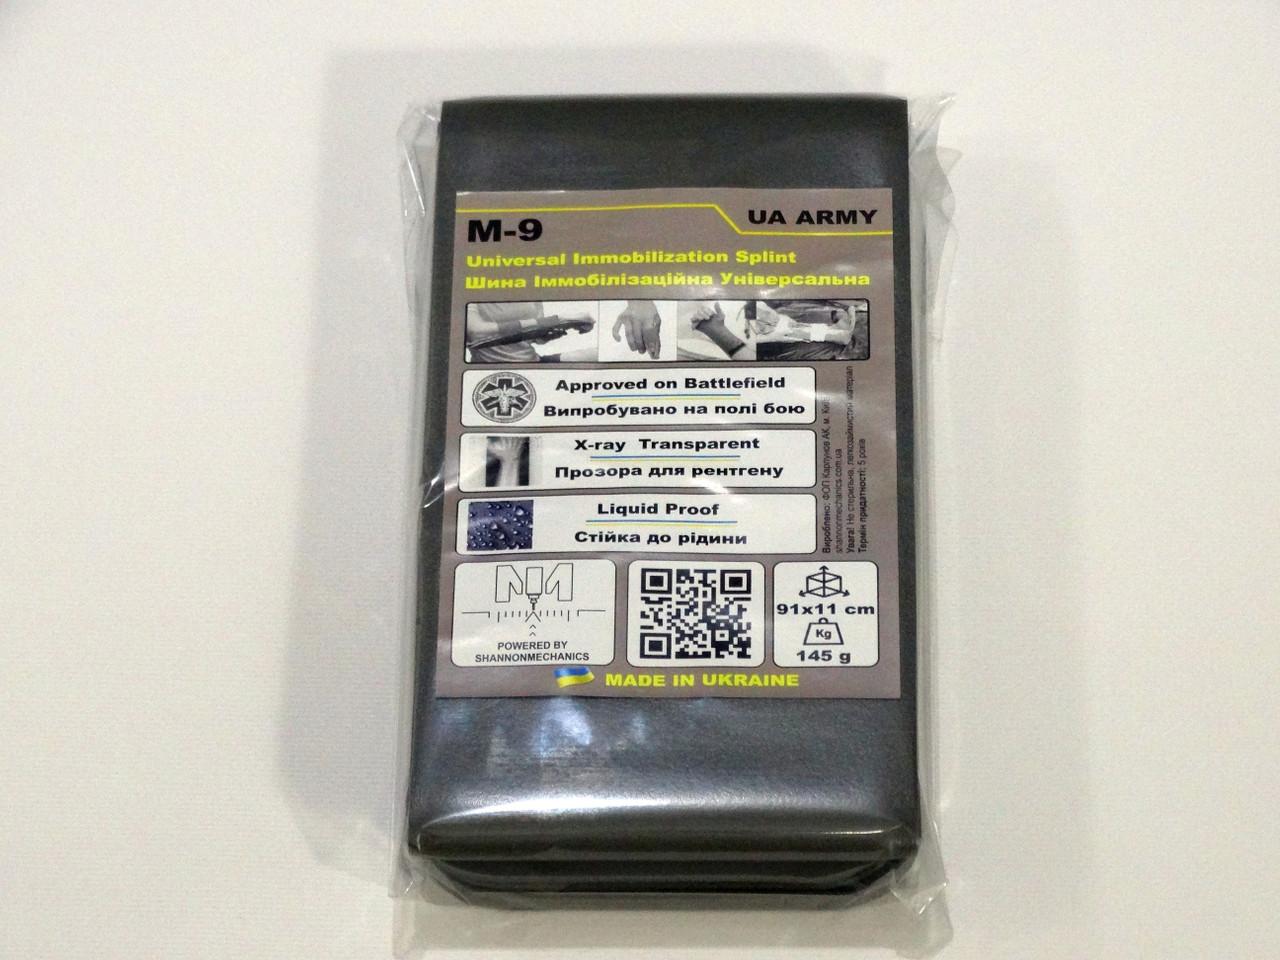 Шина іммобілізаційна універсальна М9 (90х11 см) (SAM форм-фактор)